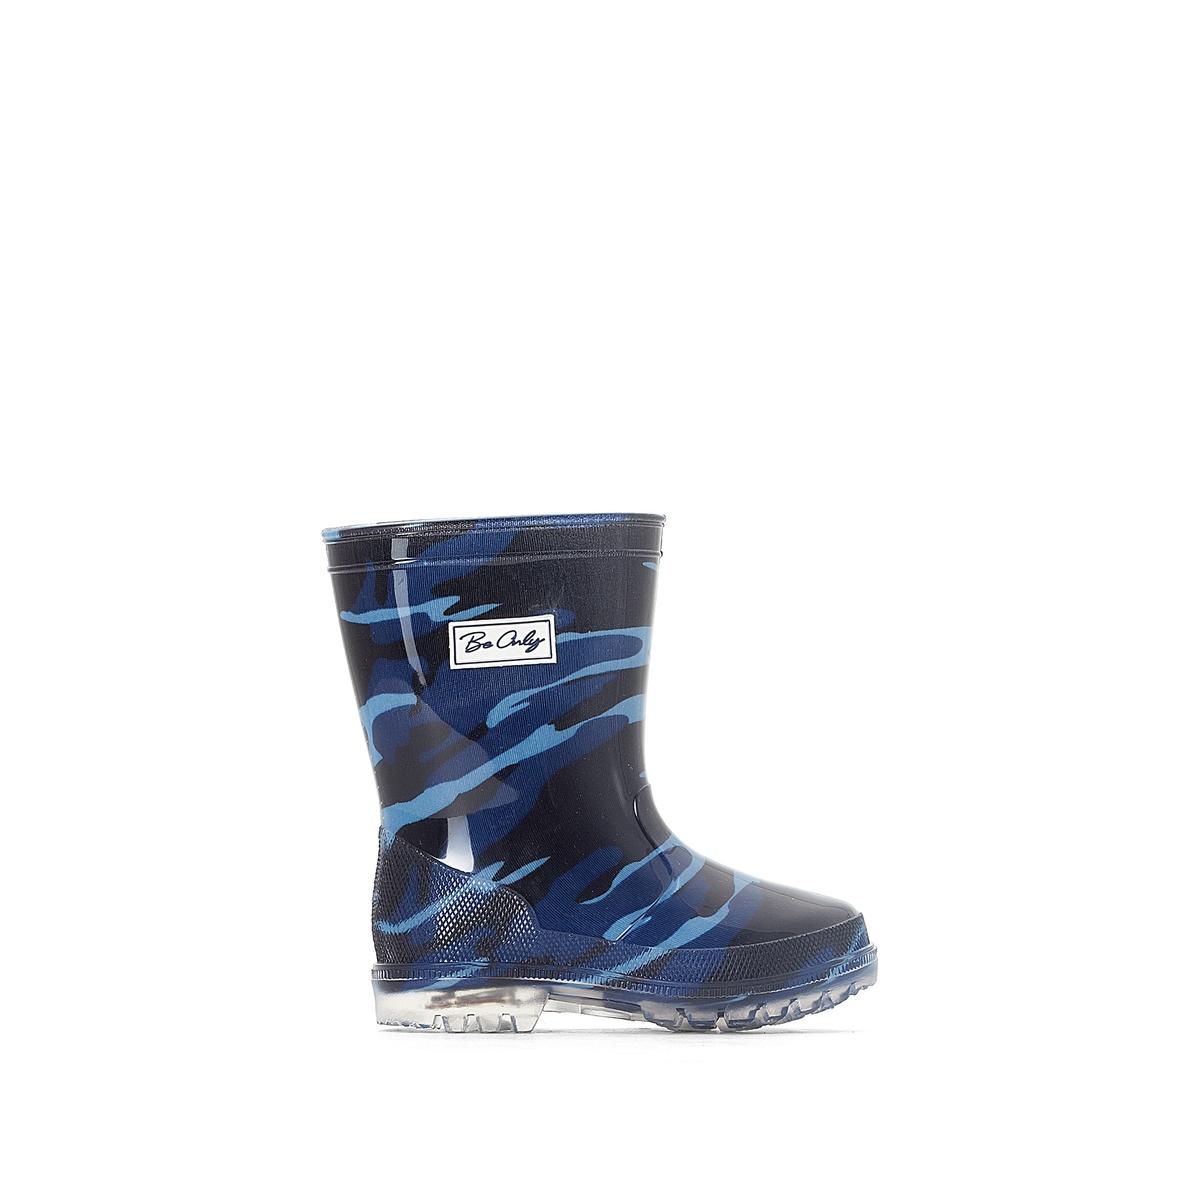 Сапоги резиновые ARMY BLEUДетали   •  Резиновые сапоги •  Плоский каблук •  Круглый мысок •  Застежка : без застежки •  Высота каблука : 2 см.  Состав и уход   •  Верх 100% ПВХ (поливинилхлорид) •  Подкладка 100% вискоза •  Стелька 100% текстиль •  Подошва 100% ПВХ<br><br>Цвет: синий